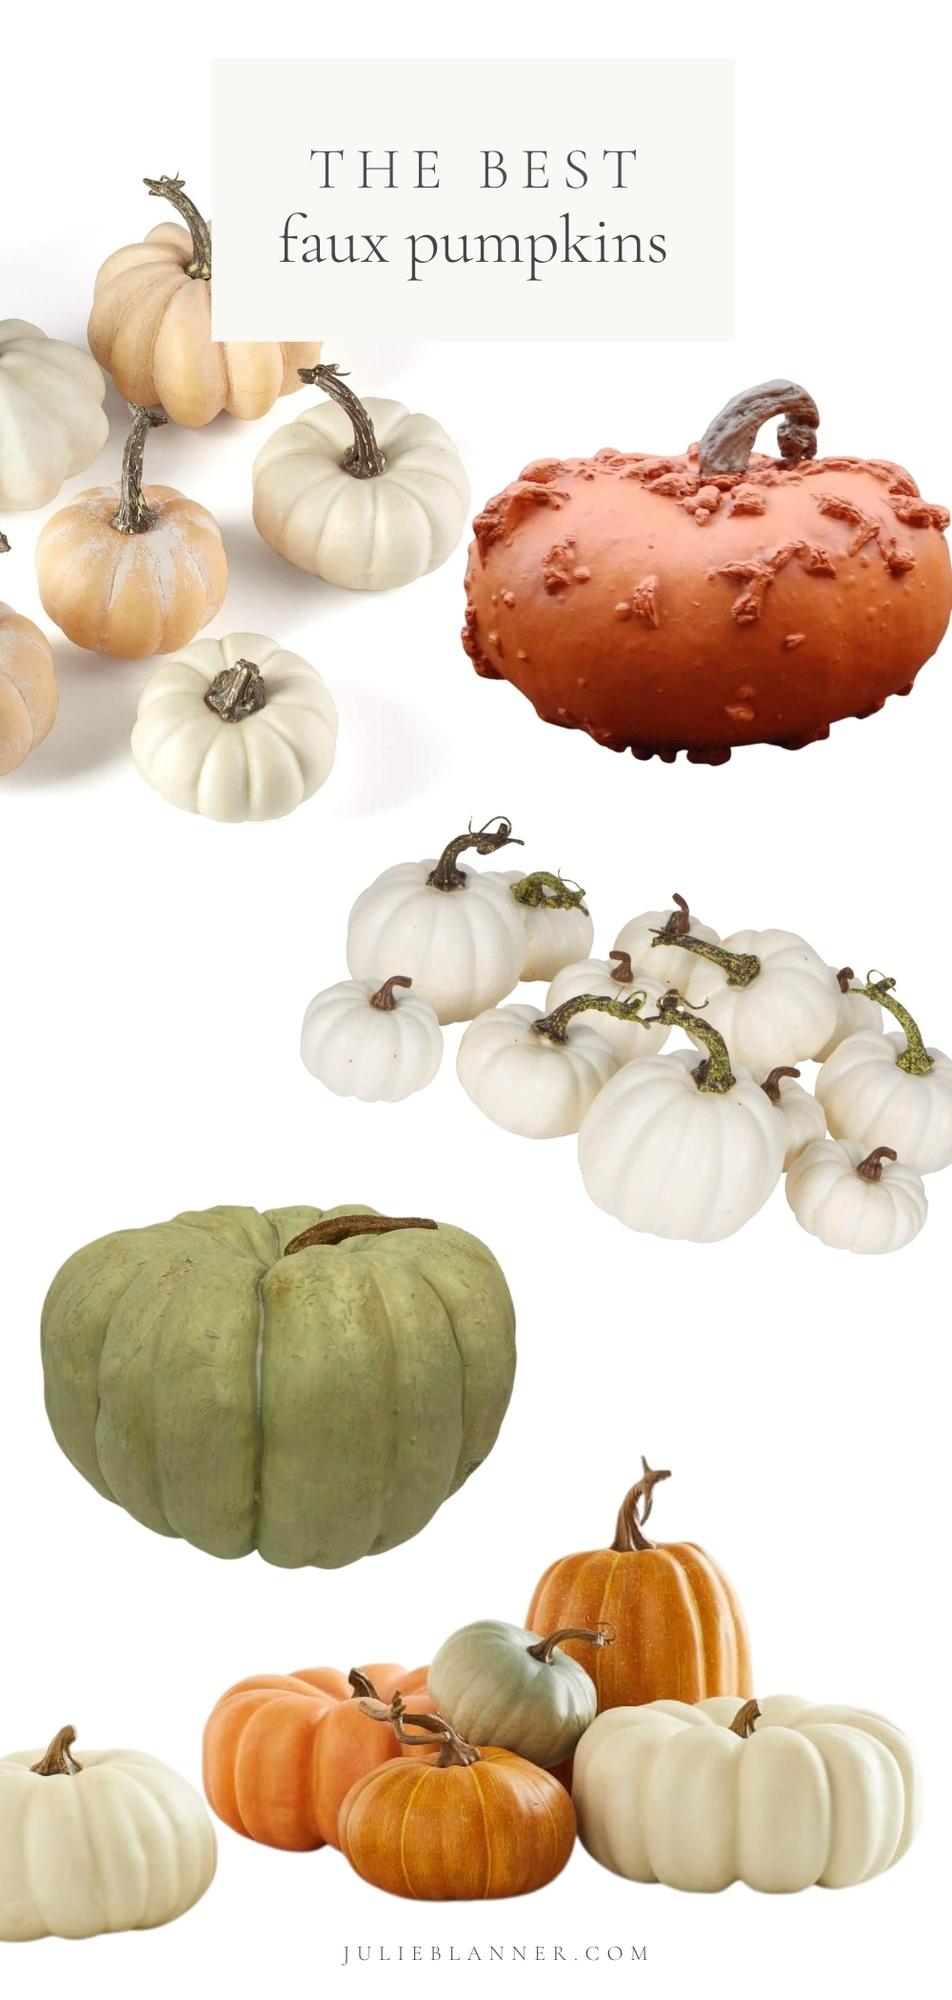 Graphics of artificial pumpkins